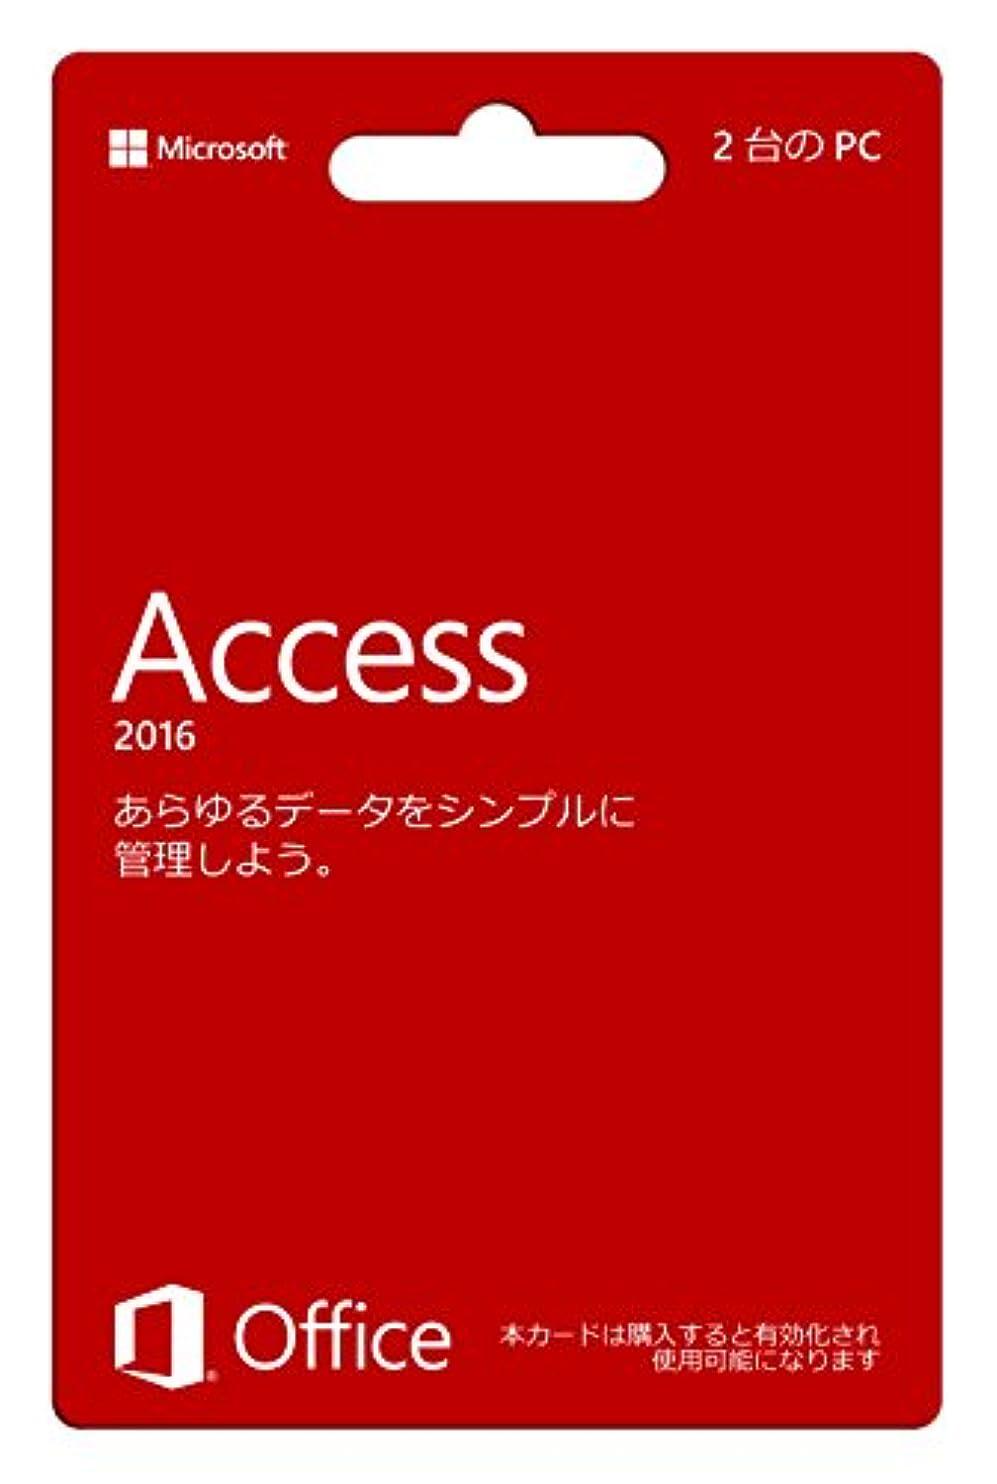 キャンベラ凶暴な変装した【旧商品/販売終了】Microsoft Project 2016 日本語版(永続版) カード版 Windows PC2台